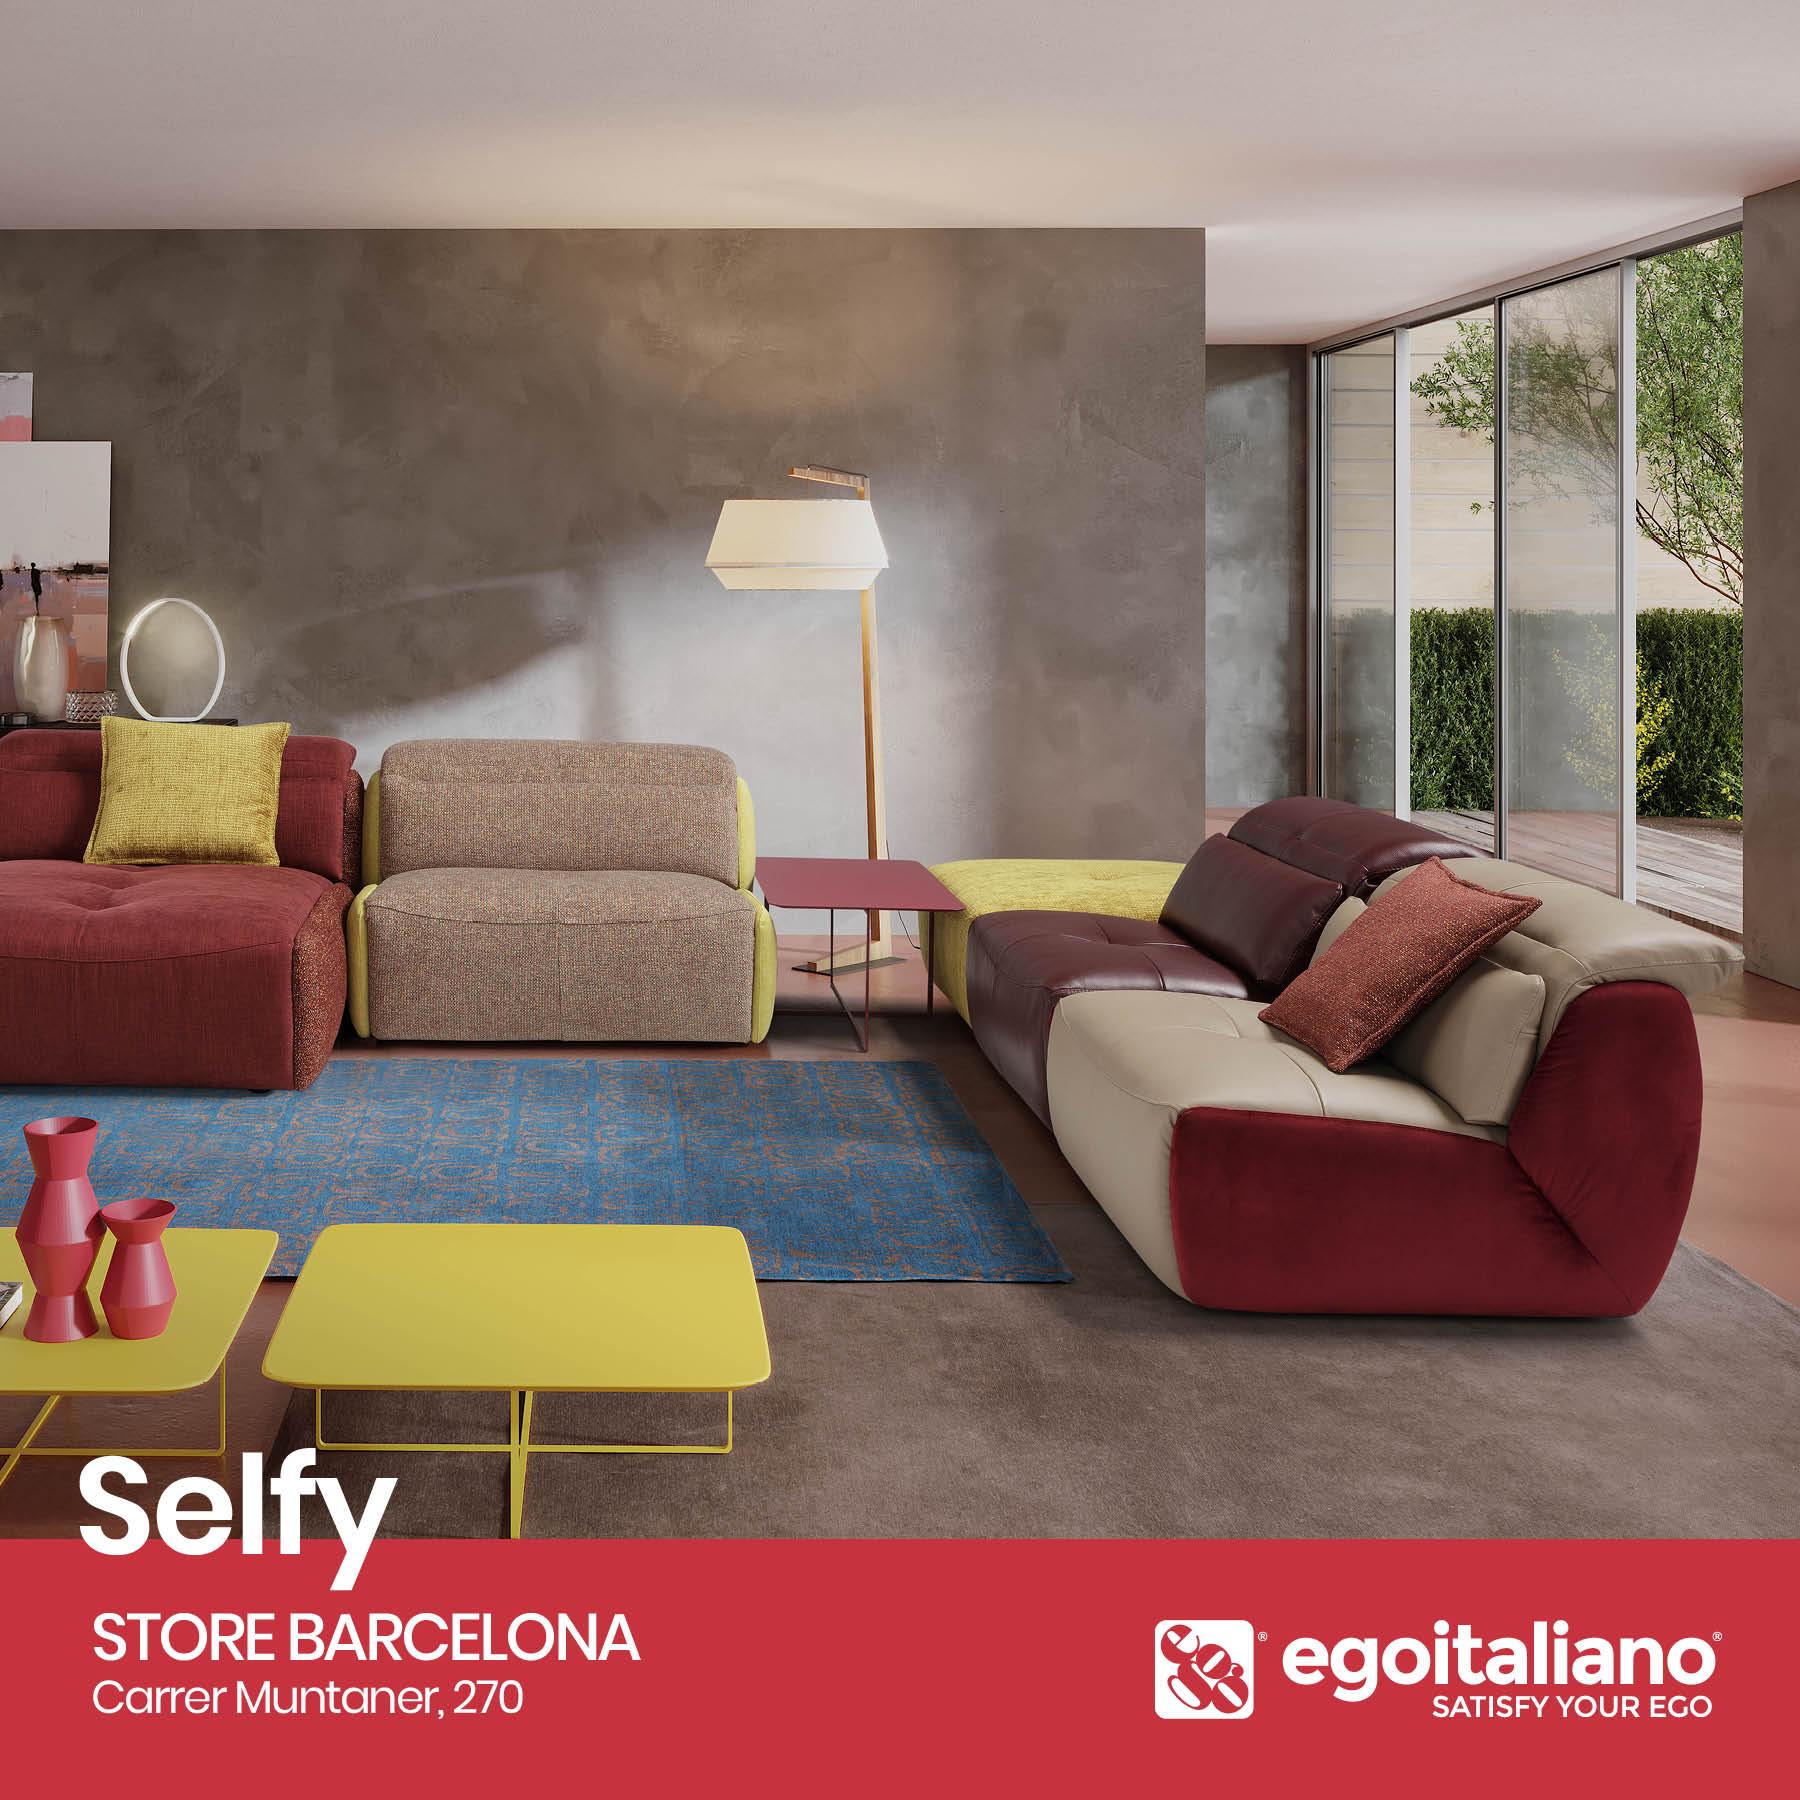 Elegir sofás de diferentes colores para decorar el salón